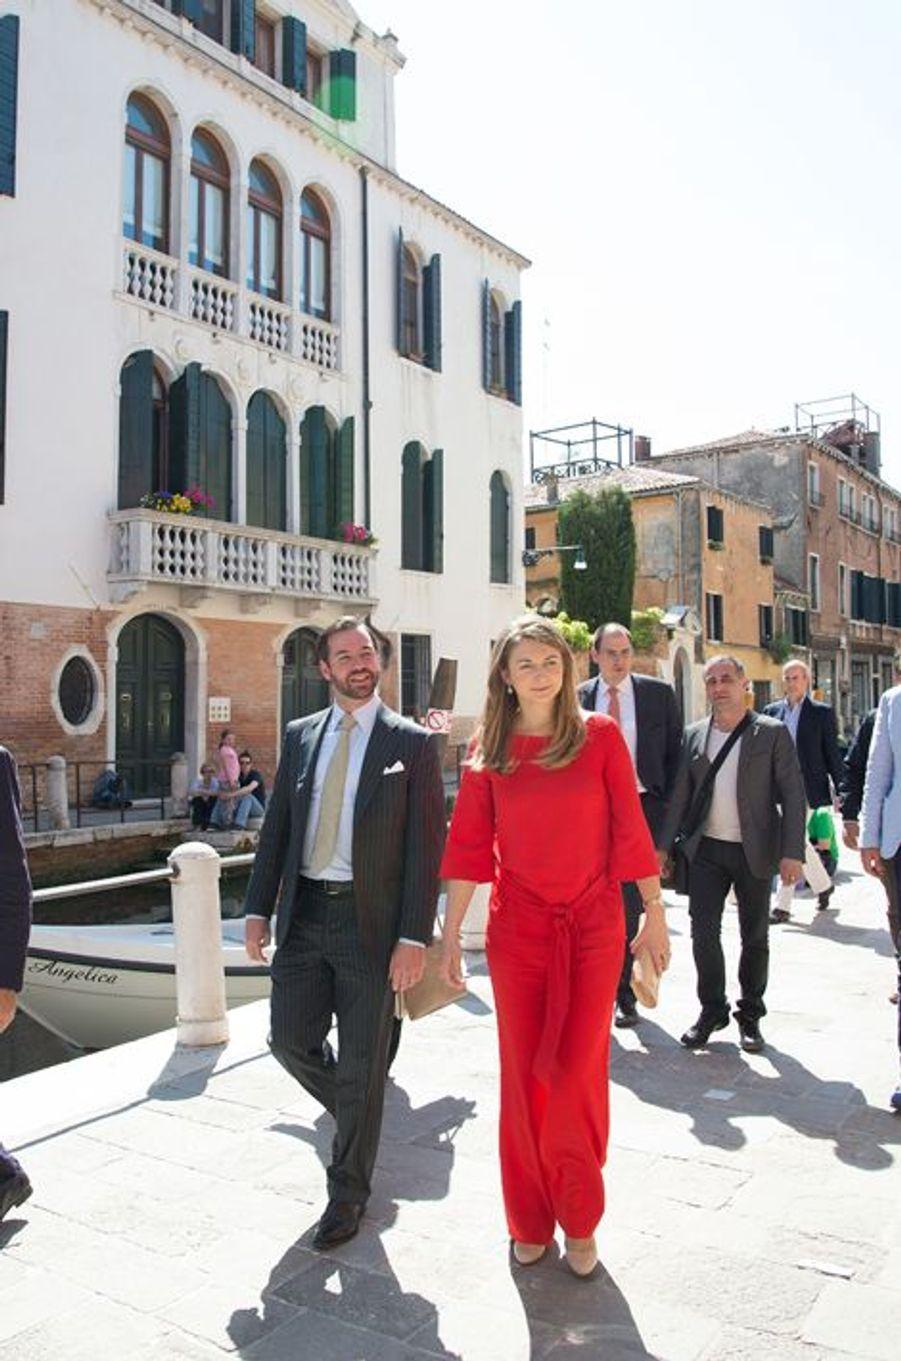 La princesse Stéphanie et le prince Guillaume de Luxembourg à Venise, le 7 mai 2015